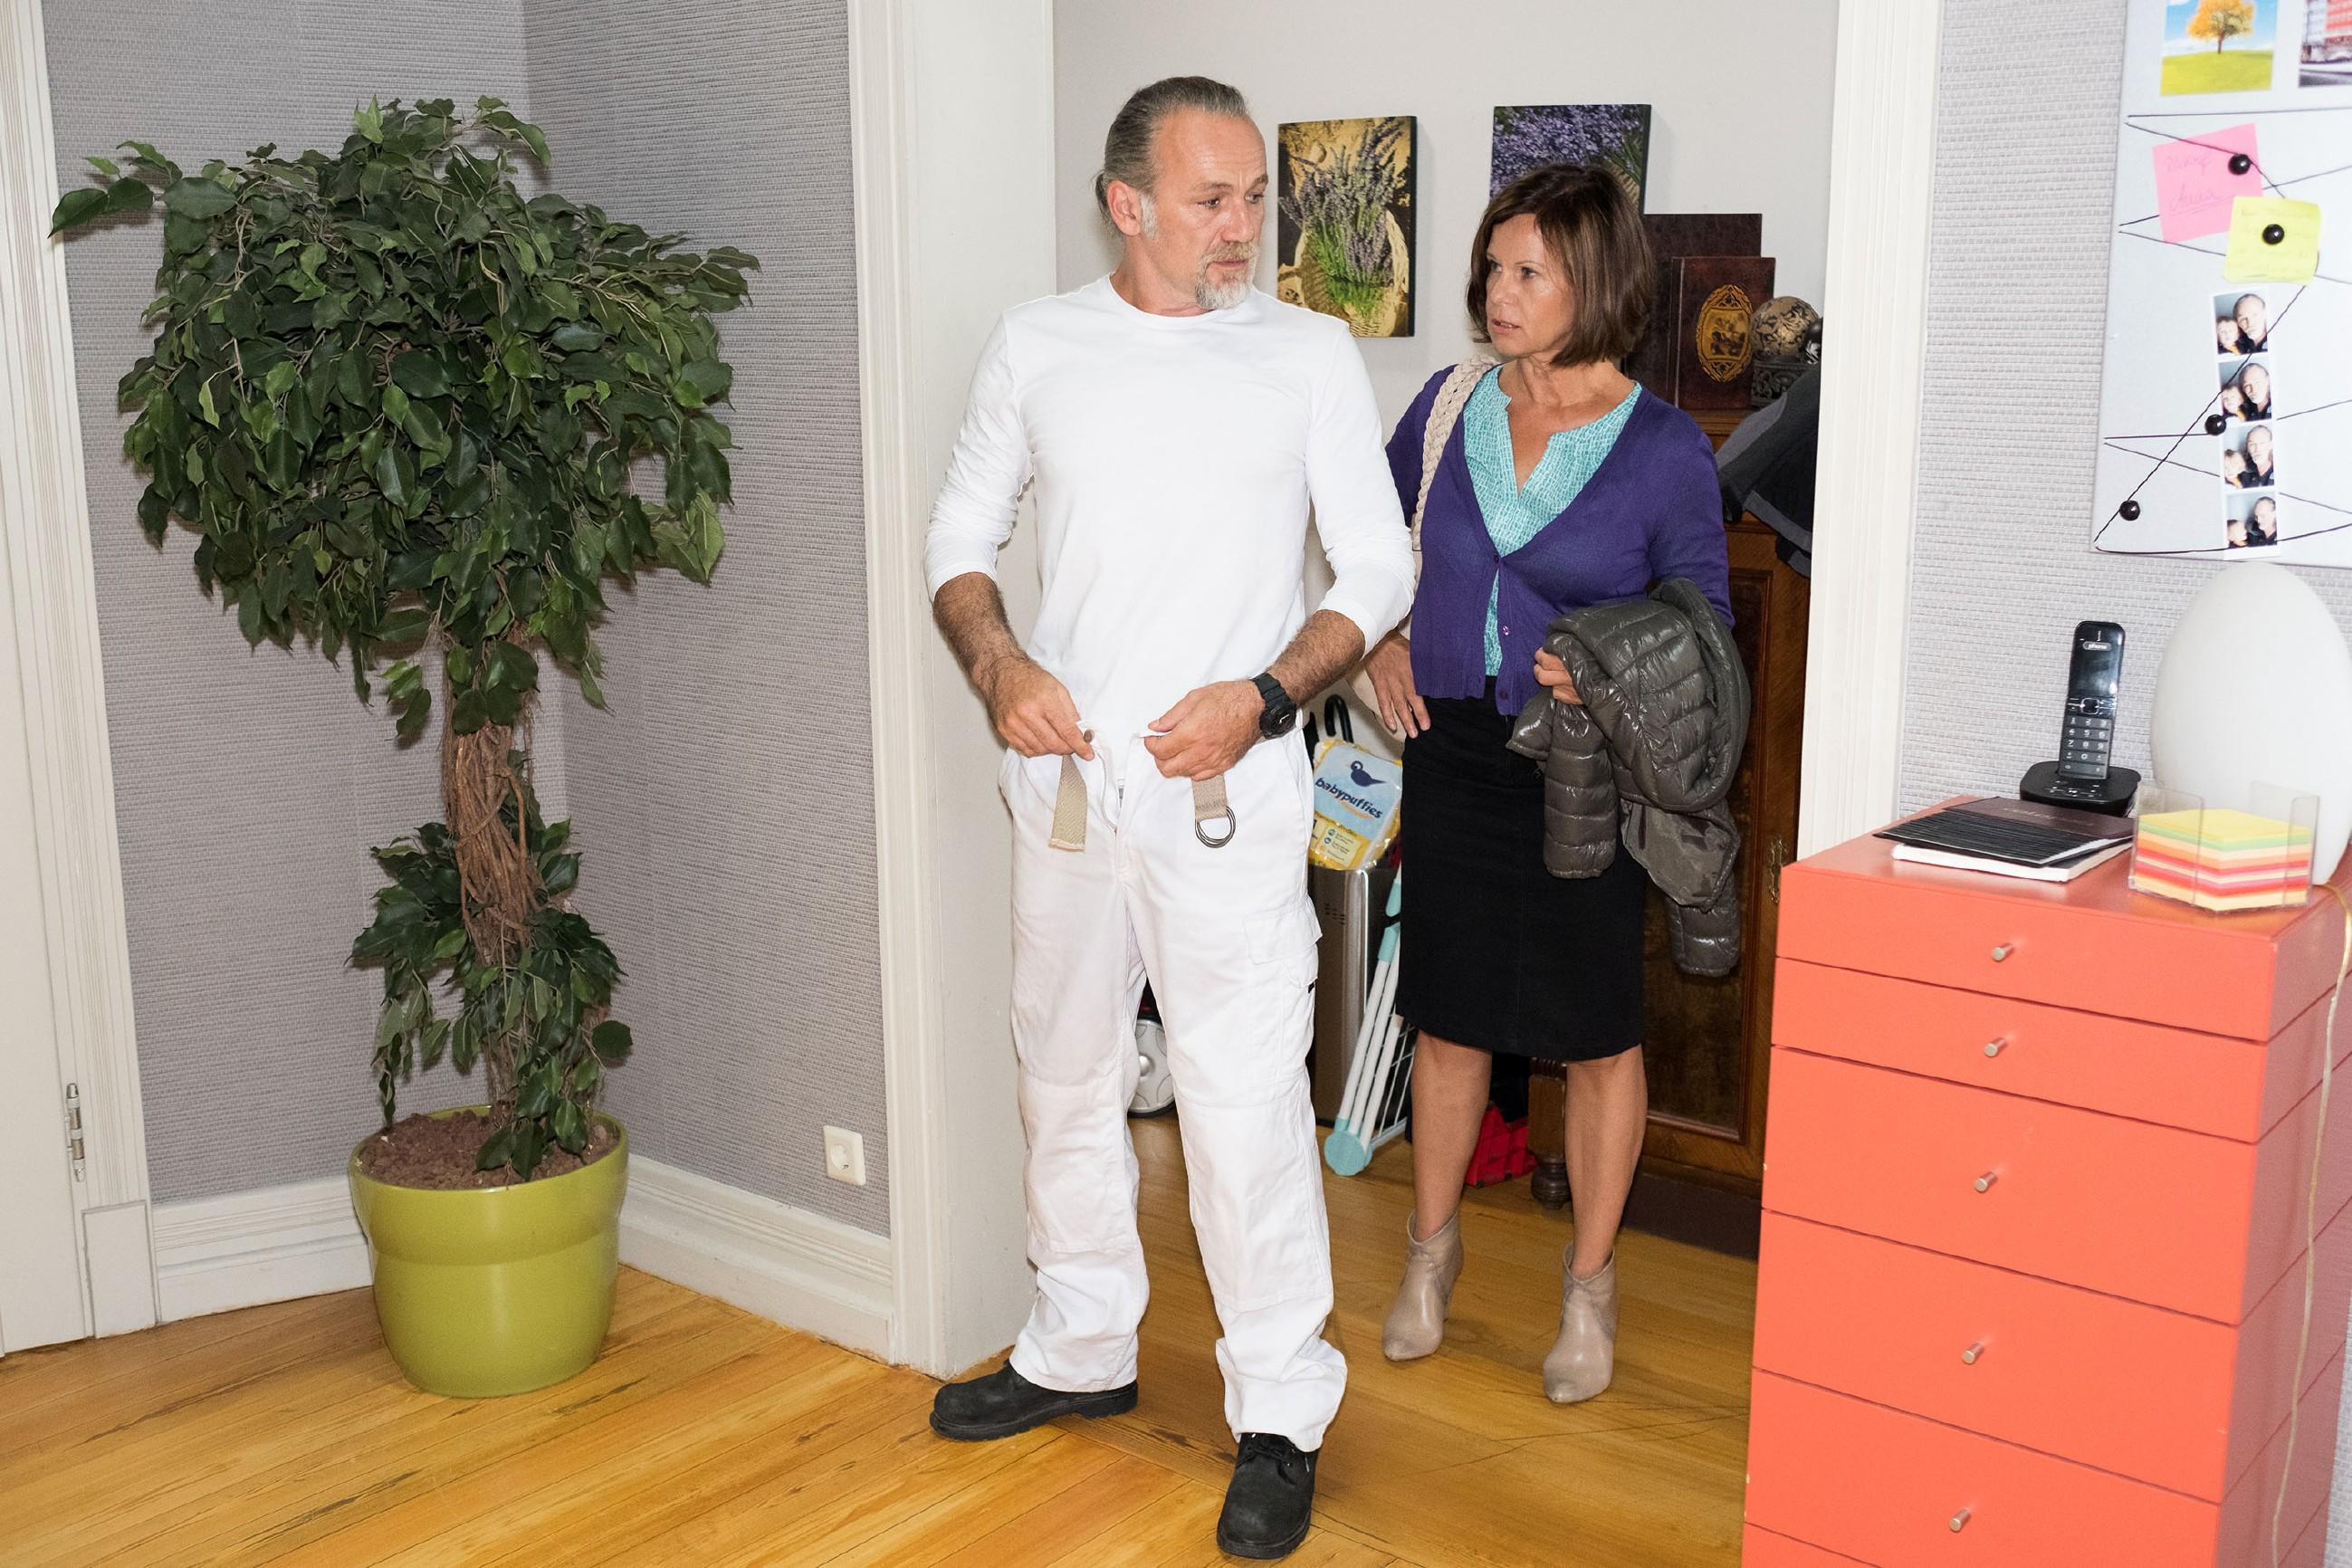 Als ein kleiner Zwischenfall Robert (Luca Maric) dazu zwingt, zu ungewohnter Zeit in der Wohnung aufzutauchen, droht seine Arbeitslosigkeit vor Irene (Petra Blossey) aufzufliegen. (Quelle: RTL / Stefan Behrens)